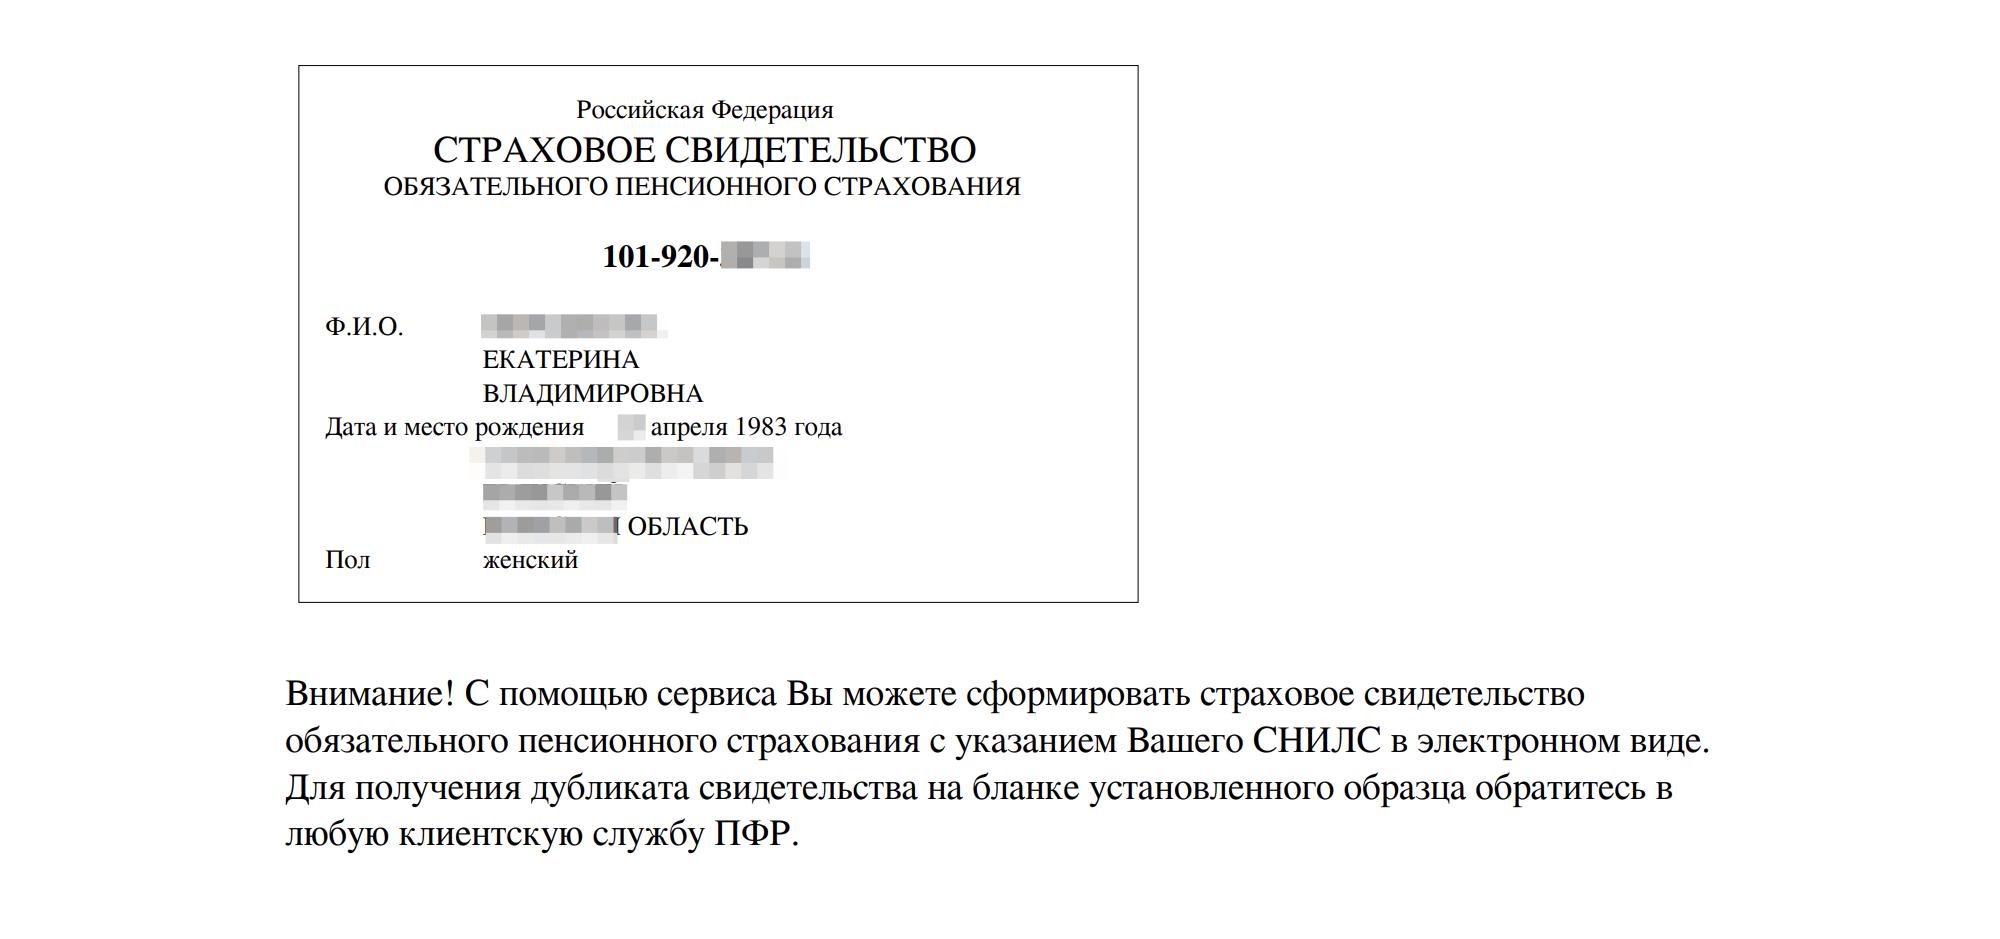 Такой документ можно сформировать в личном кабинете ПФР на момент публикации статьи. Это дубликат, но не уведомление о присвоении номера. Уведомления пока нет